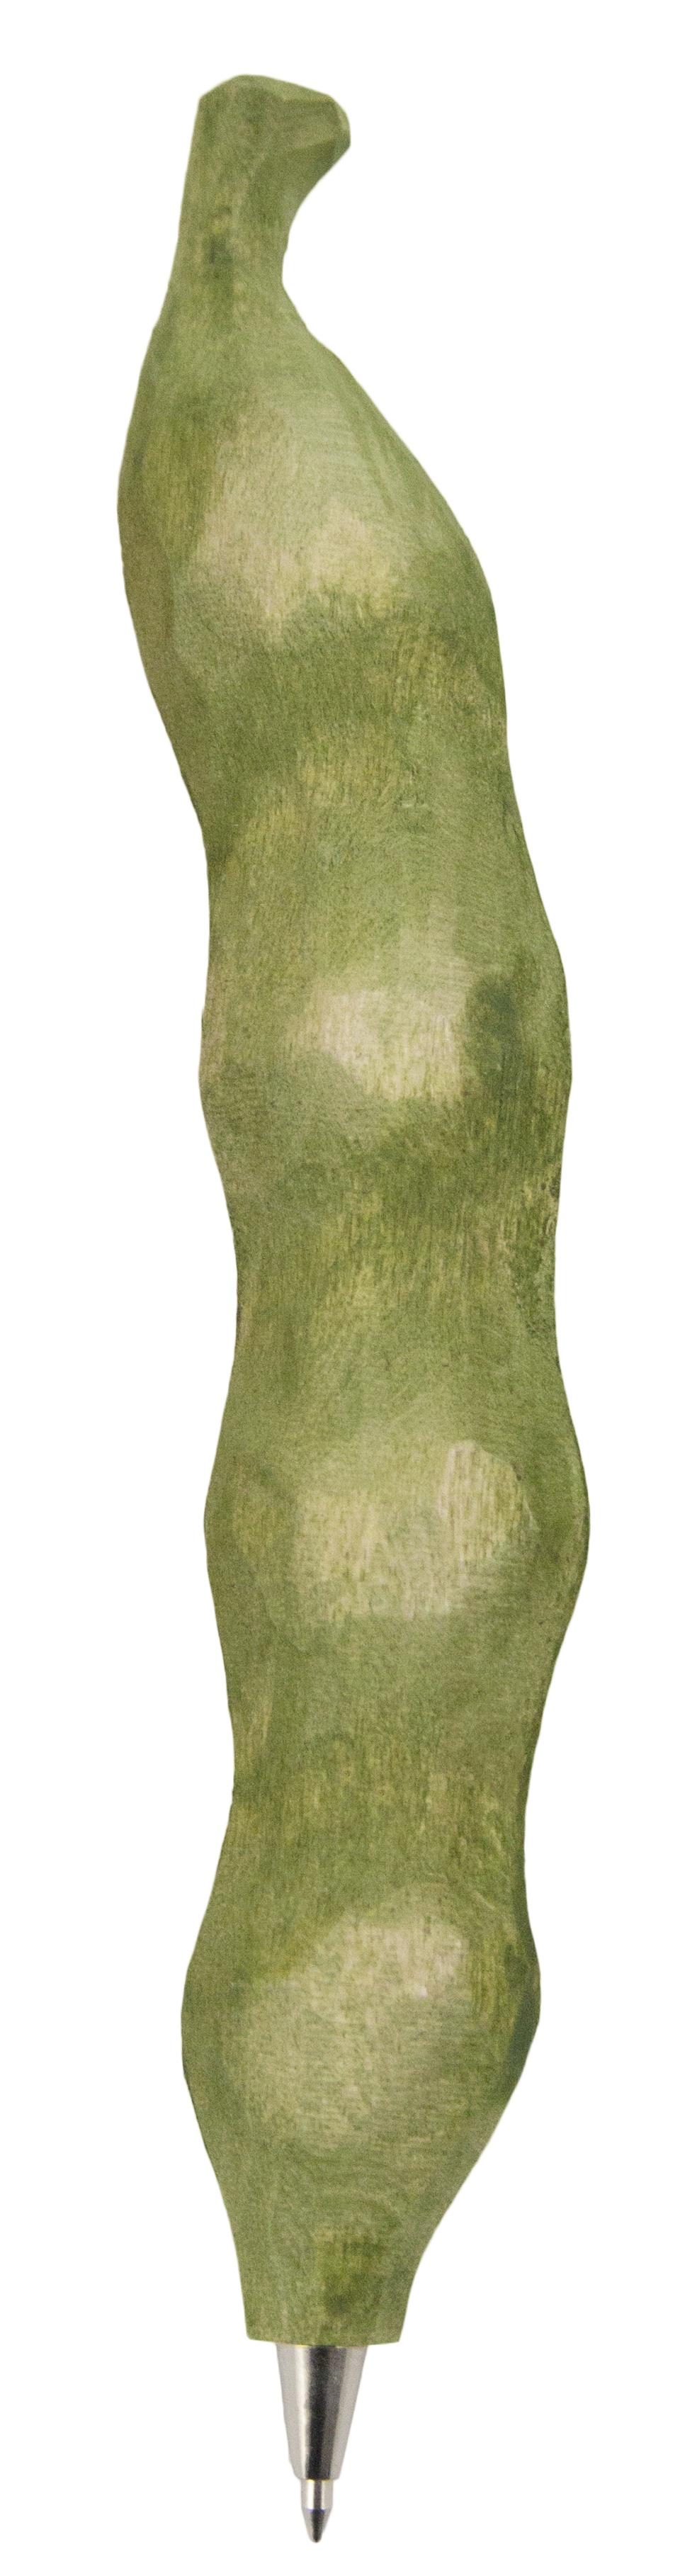 Ручка шариковая Wildlife Garden Bean, WG535, зеленый, ручная работаWG535Материал: дерево (липа). Все использованные материалы экологичны, не содержат вредных веществ. Размер: 14,9 х 1,4 х 2,4 см. Цвет: зеленый. Шариковая. Изготовлена и раскрашена вручную.